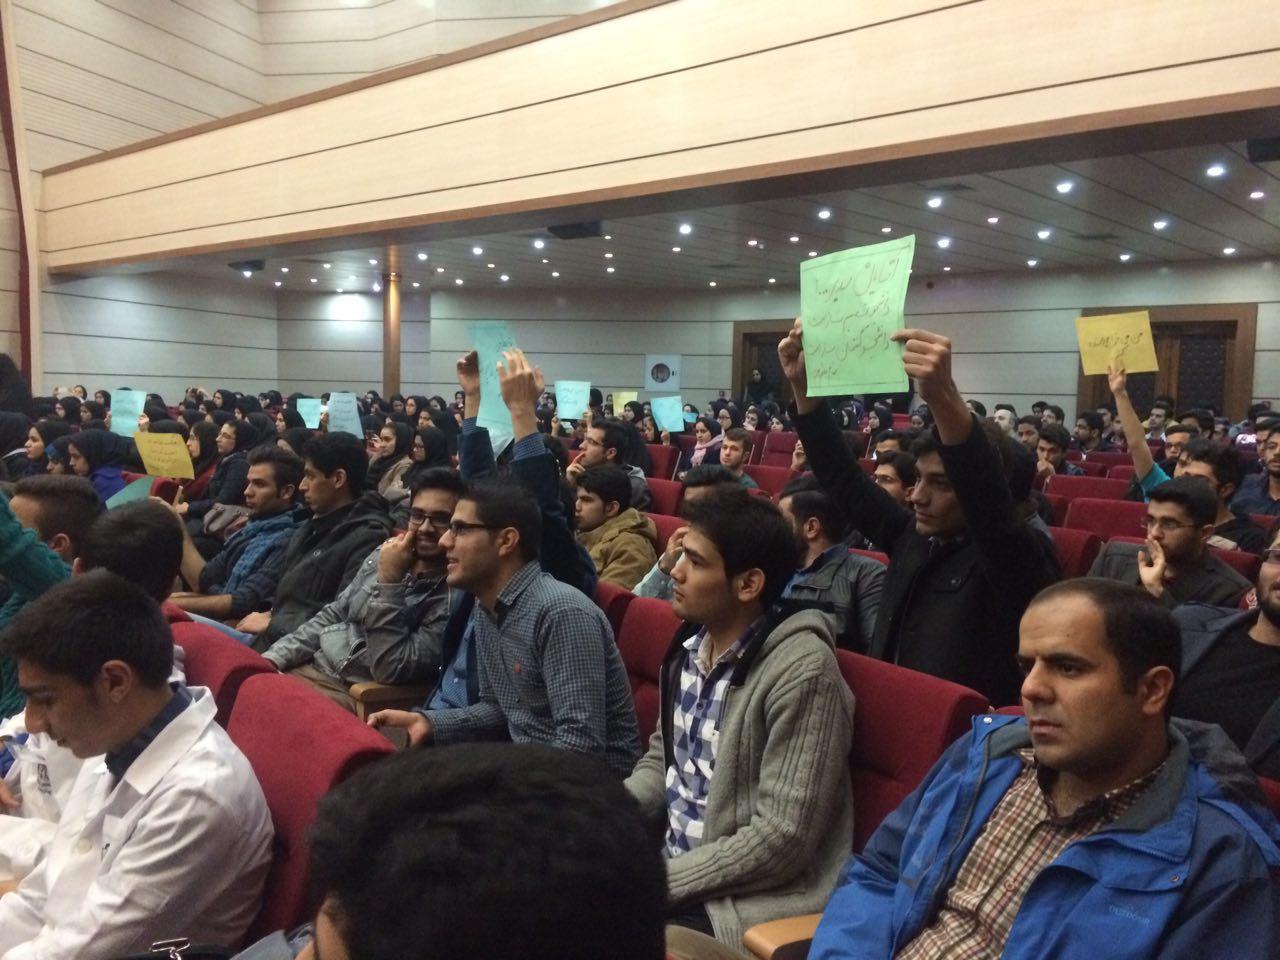 اعتراض دانشجویان پرستاری مشهد به حذف رشته دانشگاهی پرستاری